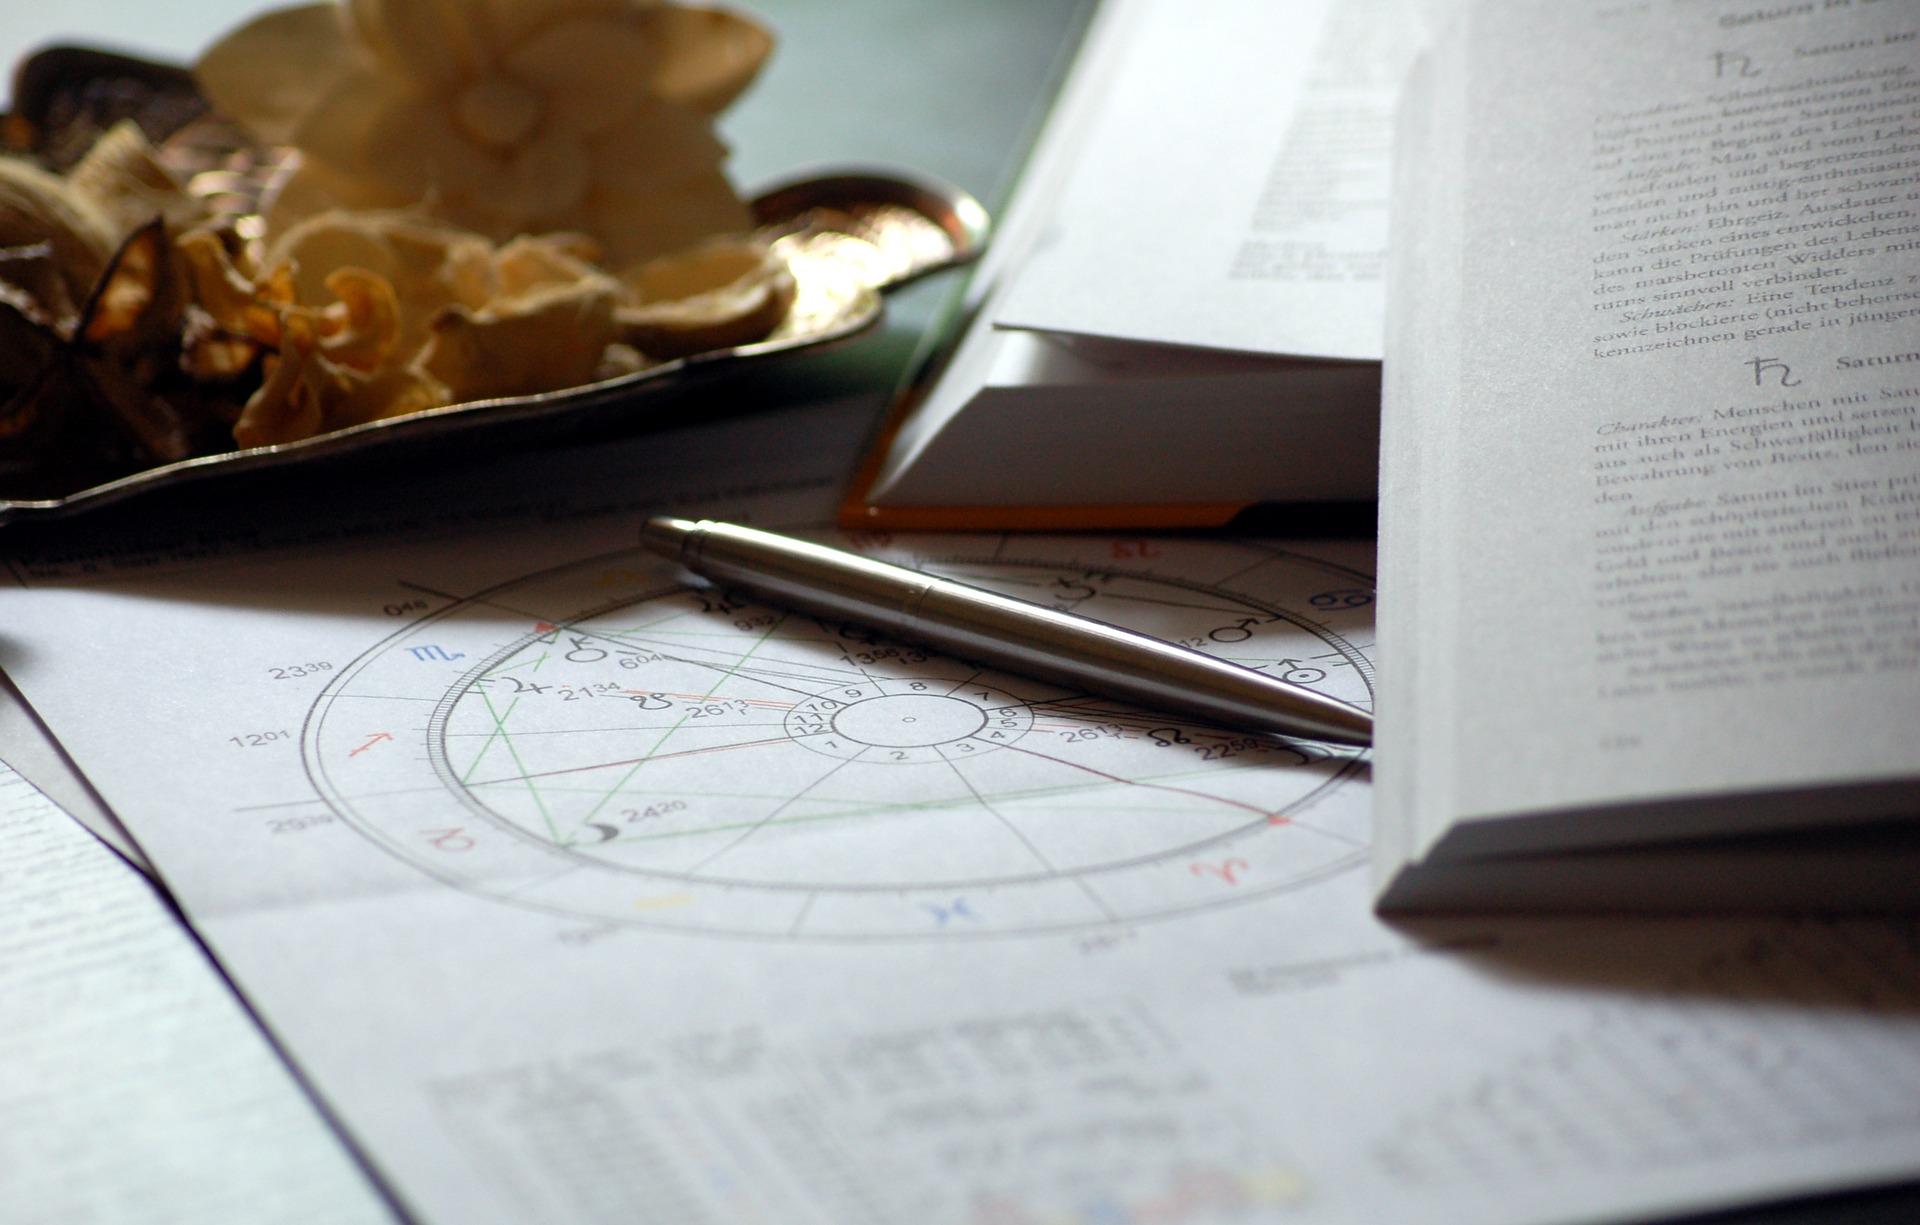 Horoskop und Berufswahl - passt das zusammen?